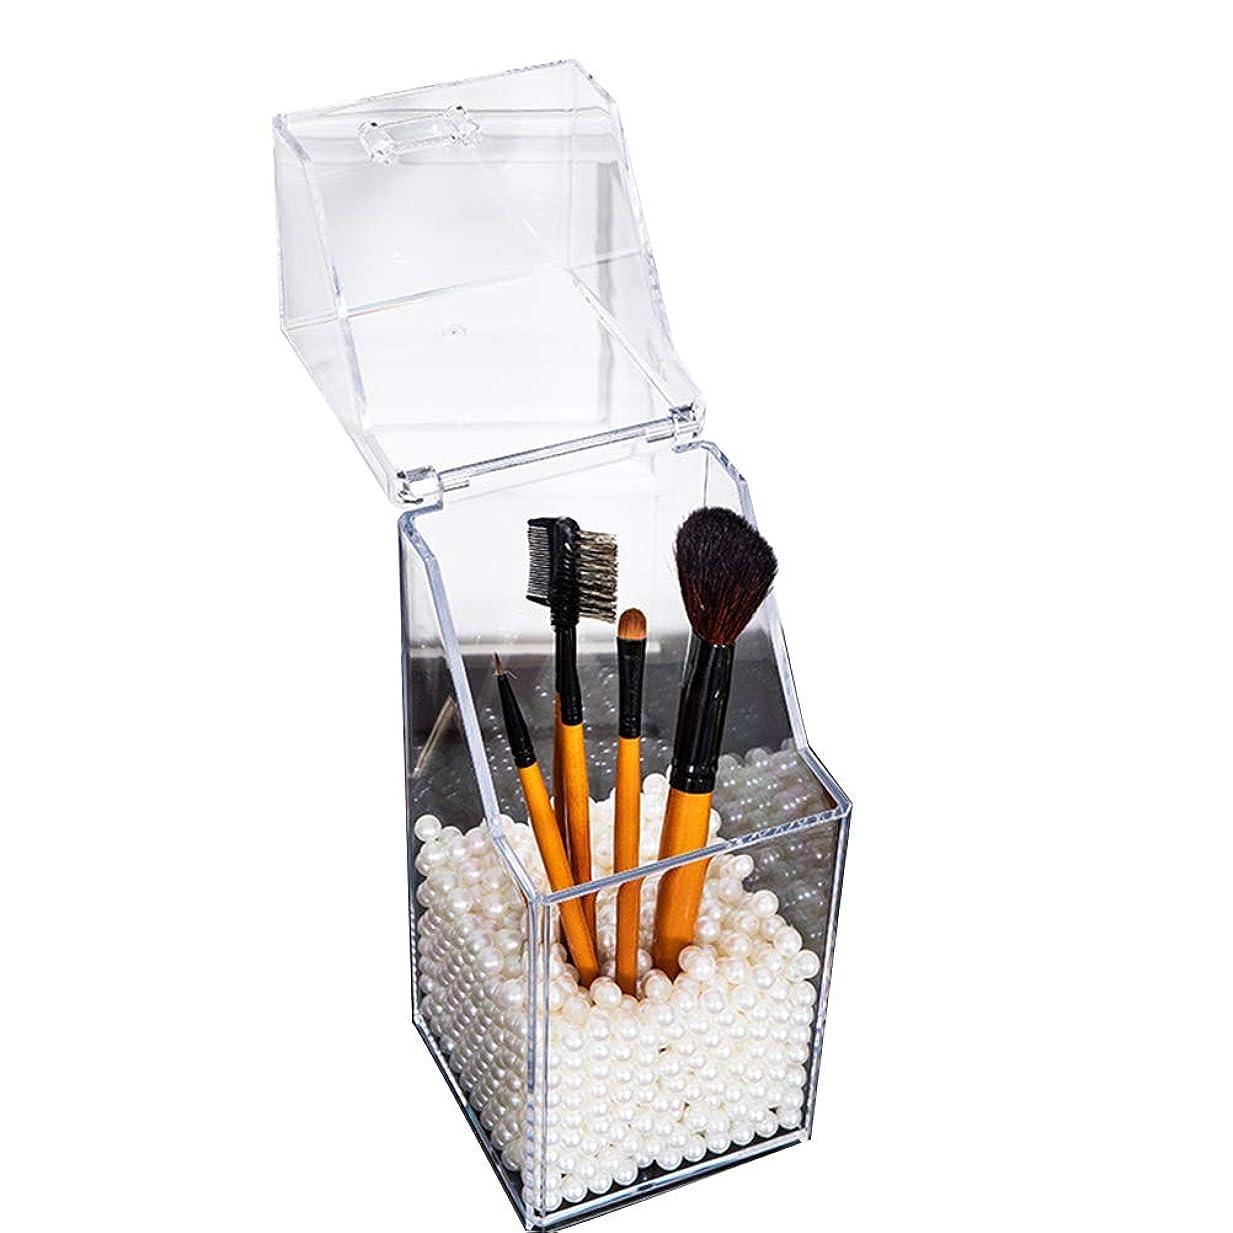 マトン労苦散らす[YEMOCILE] メイクボックス レディース ふた付き メイクブラシ 化粧品入れ 収納 透明 引き出し小物 アクリル製 真珠 高品質 ホワイト